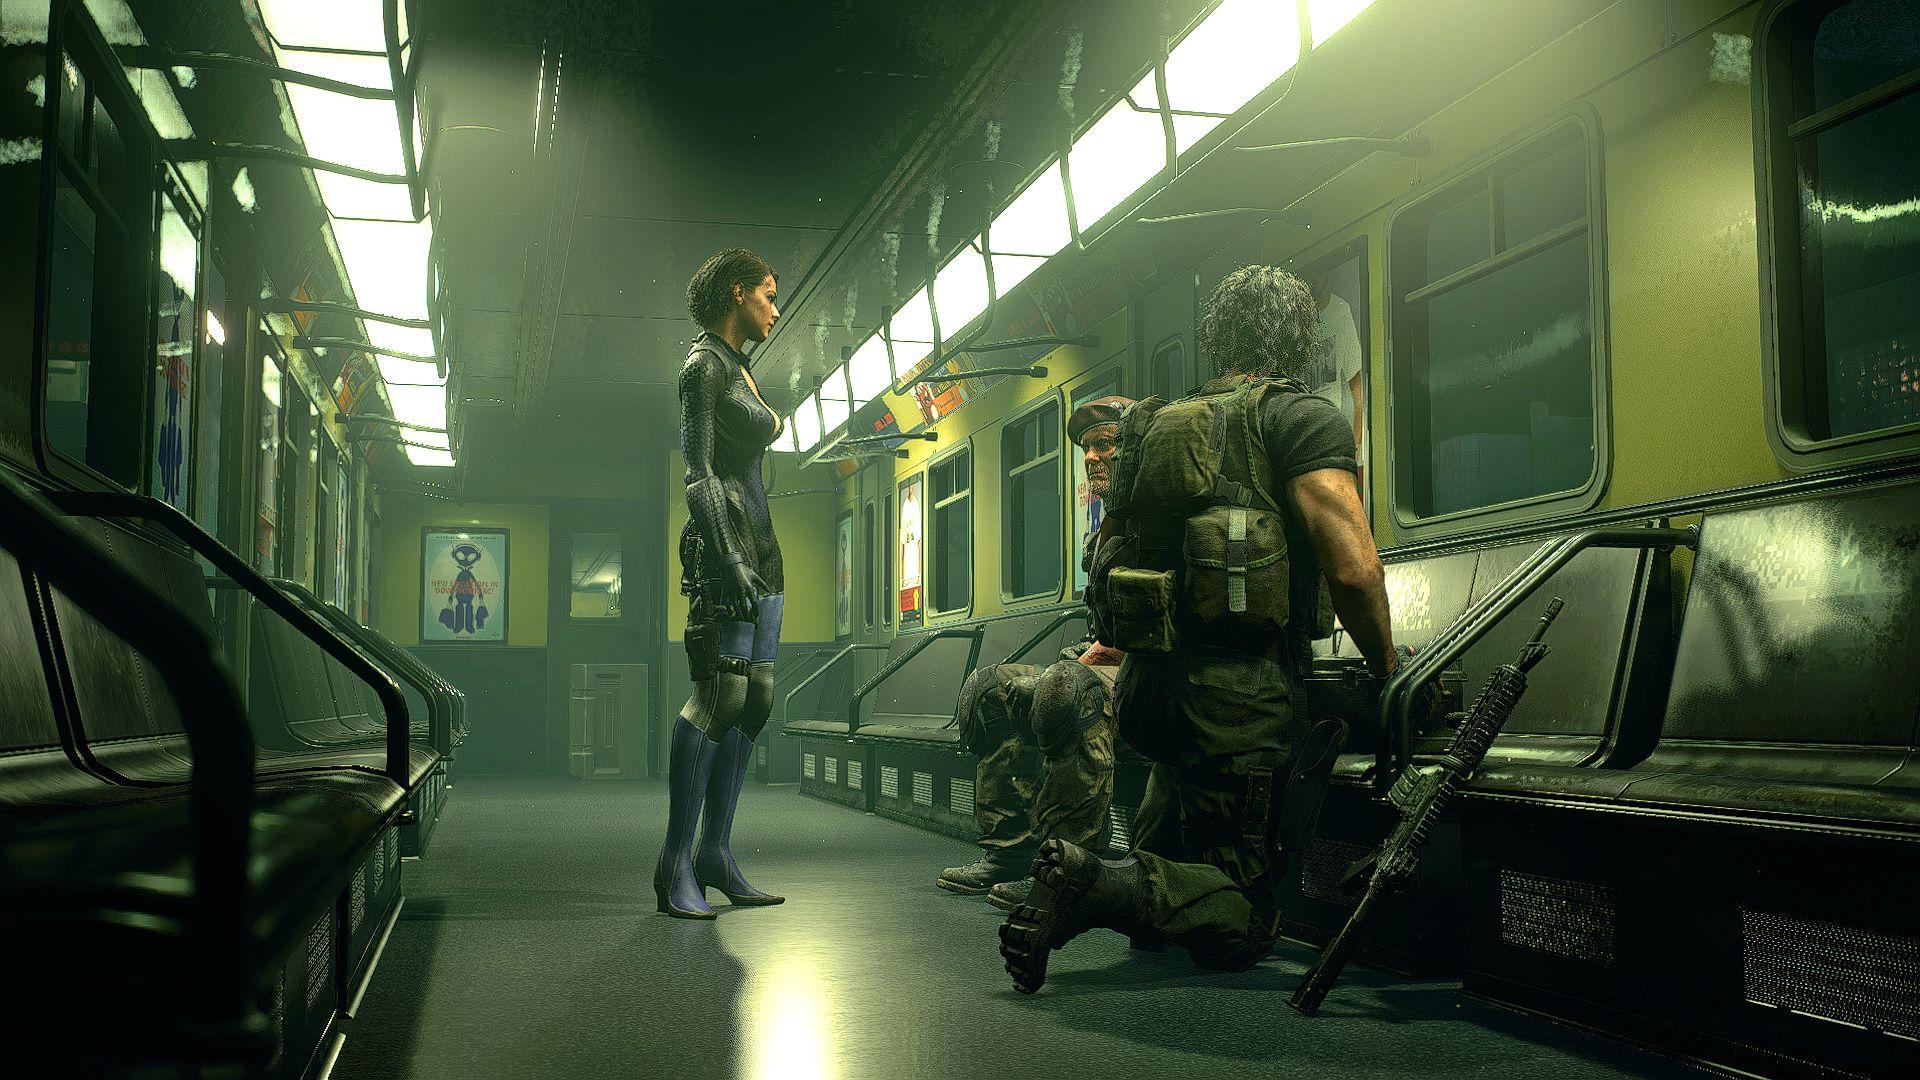 00077.Jpg - Resident Evil 3: Nemesis